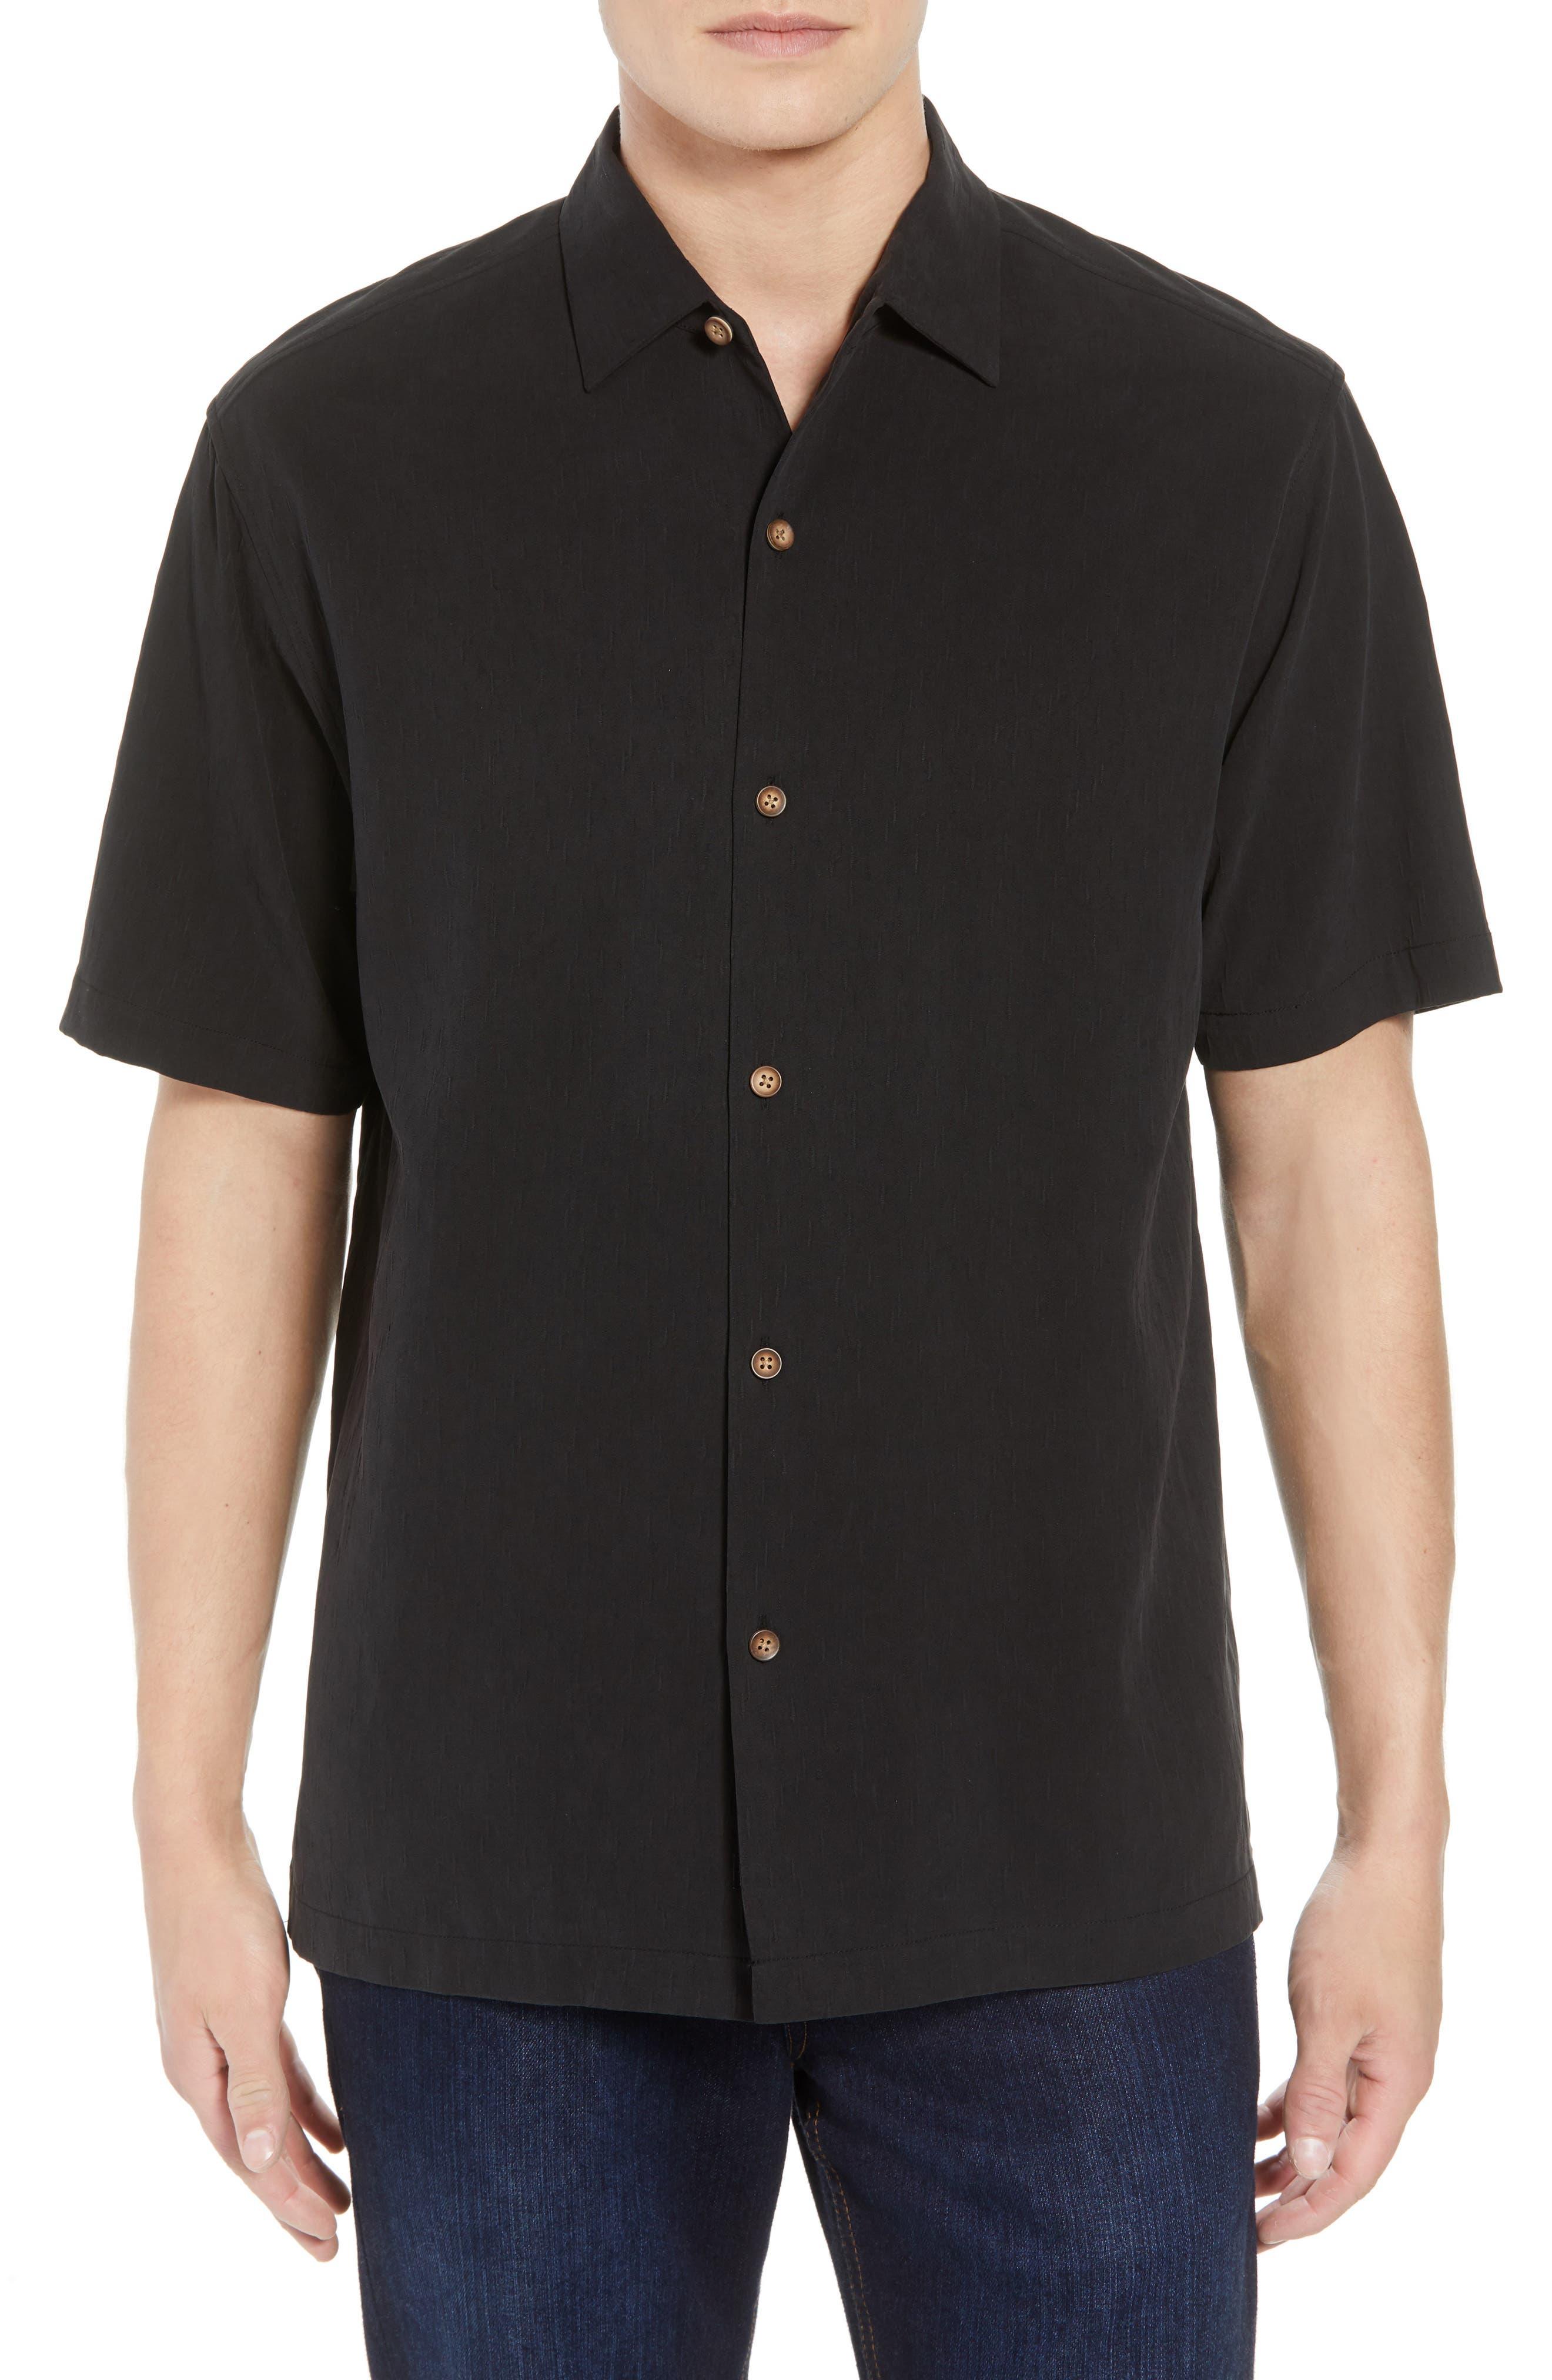 Bahama Reserve Silk Camp Shirt,                             Main thumbnail 1, color,                             Black